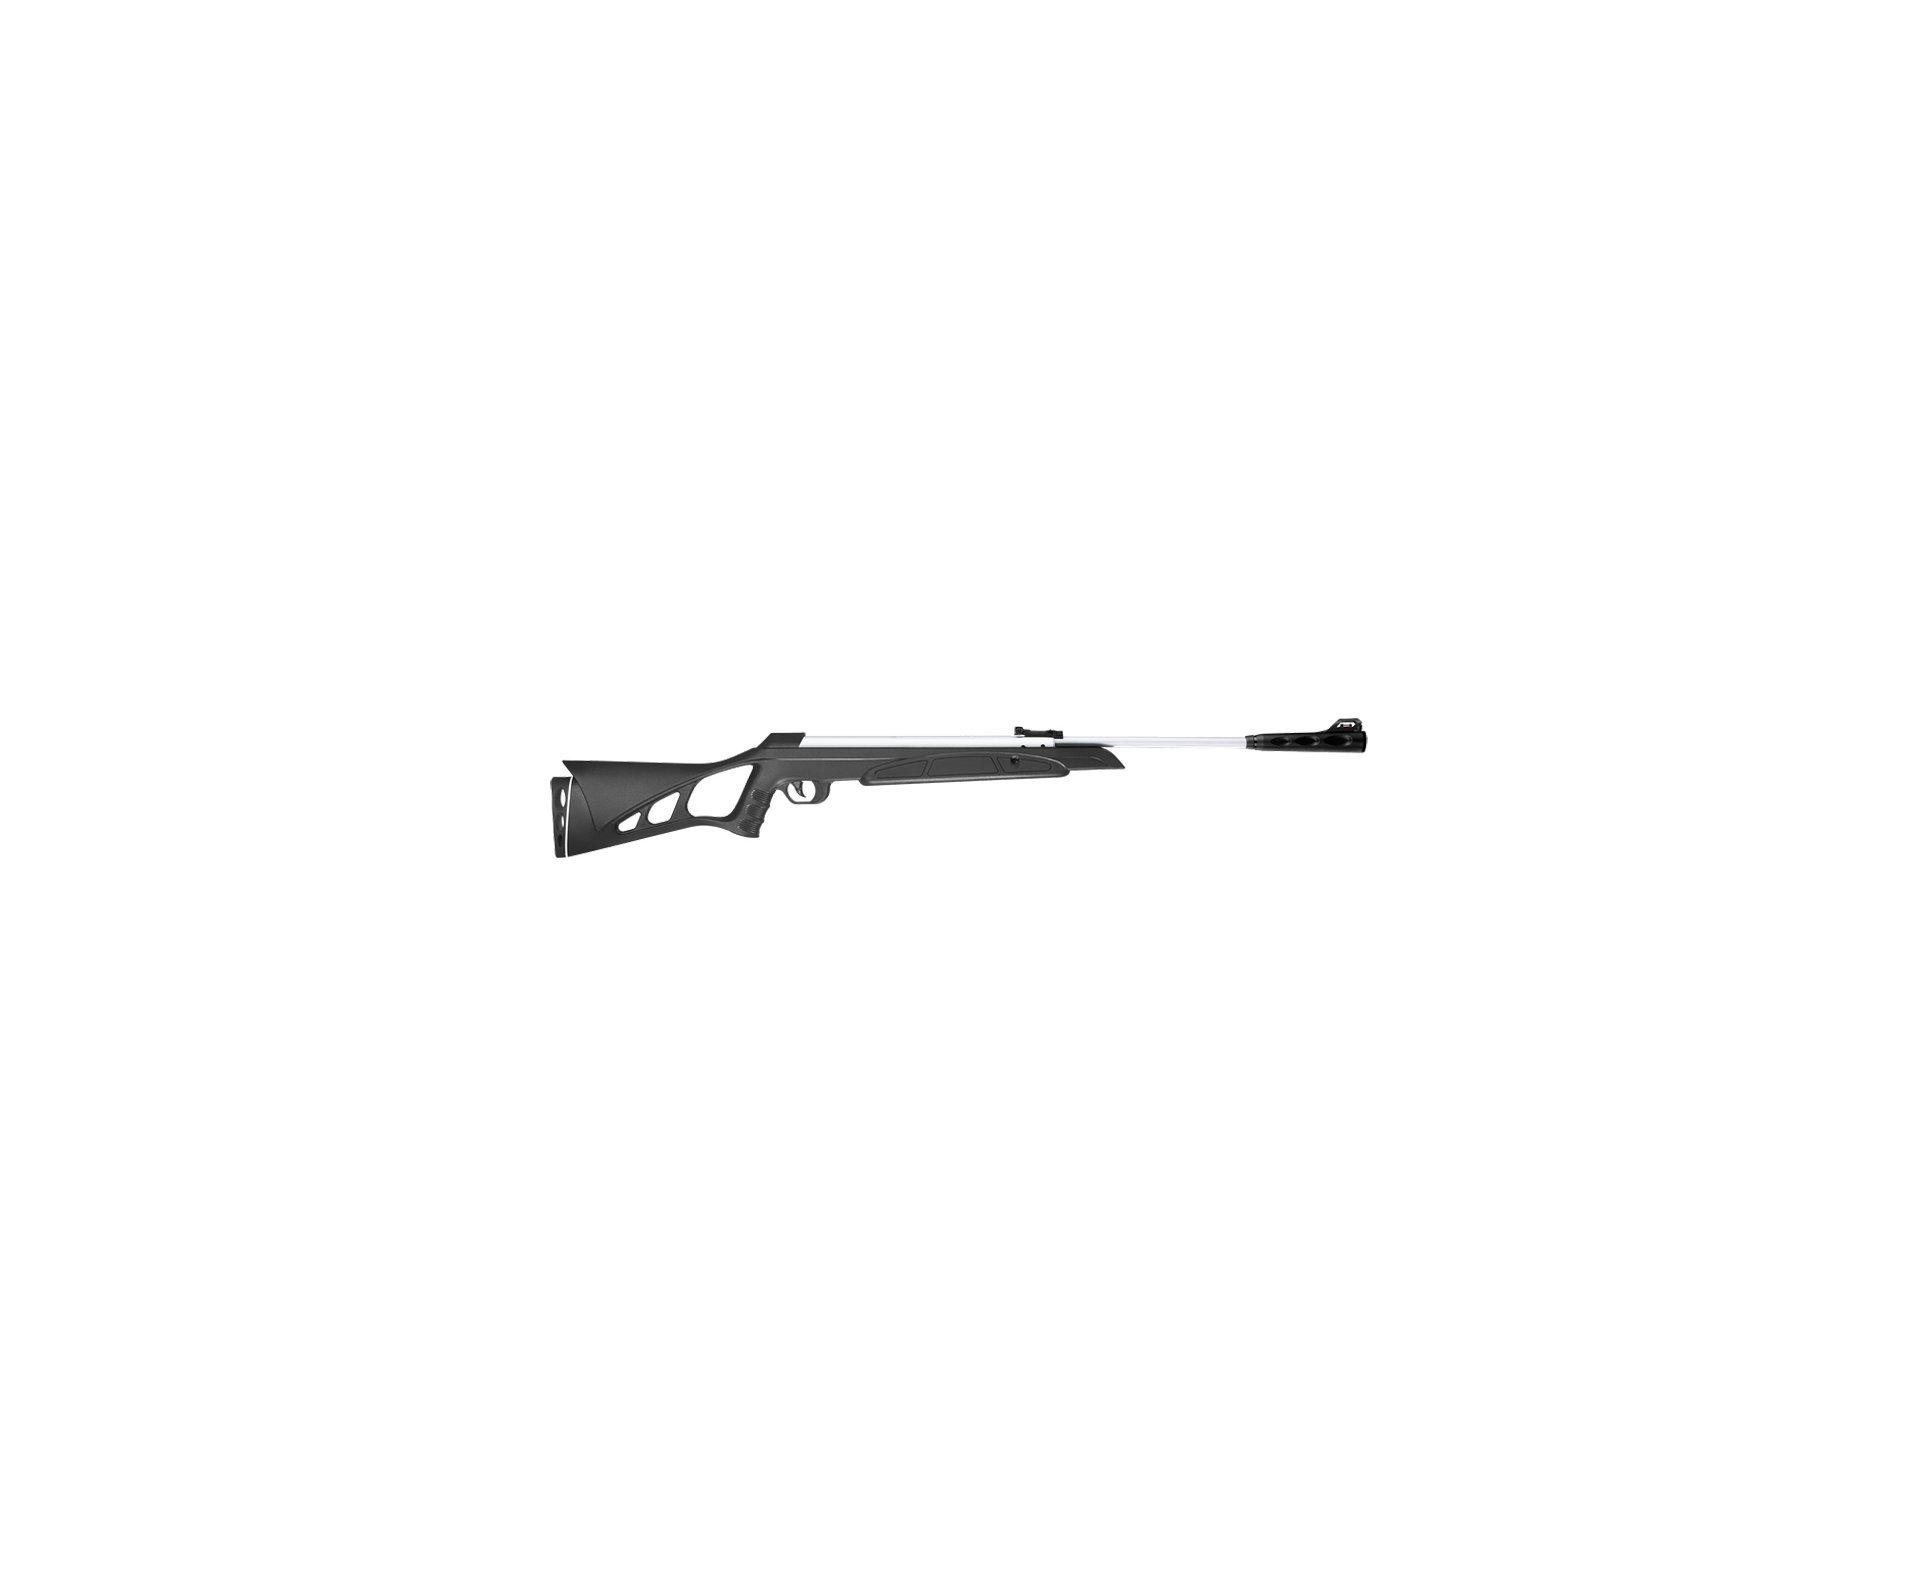 Carabina De Pressão Cbc Nitro-x 900 Soft Action - Calibre 5,5 Mm - Cromada